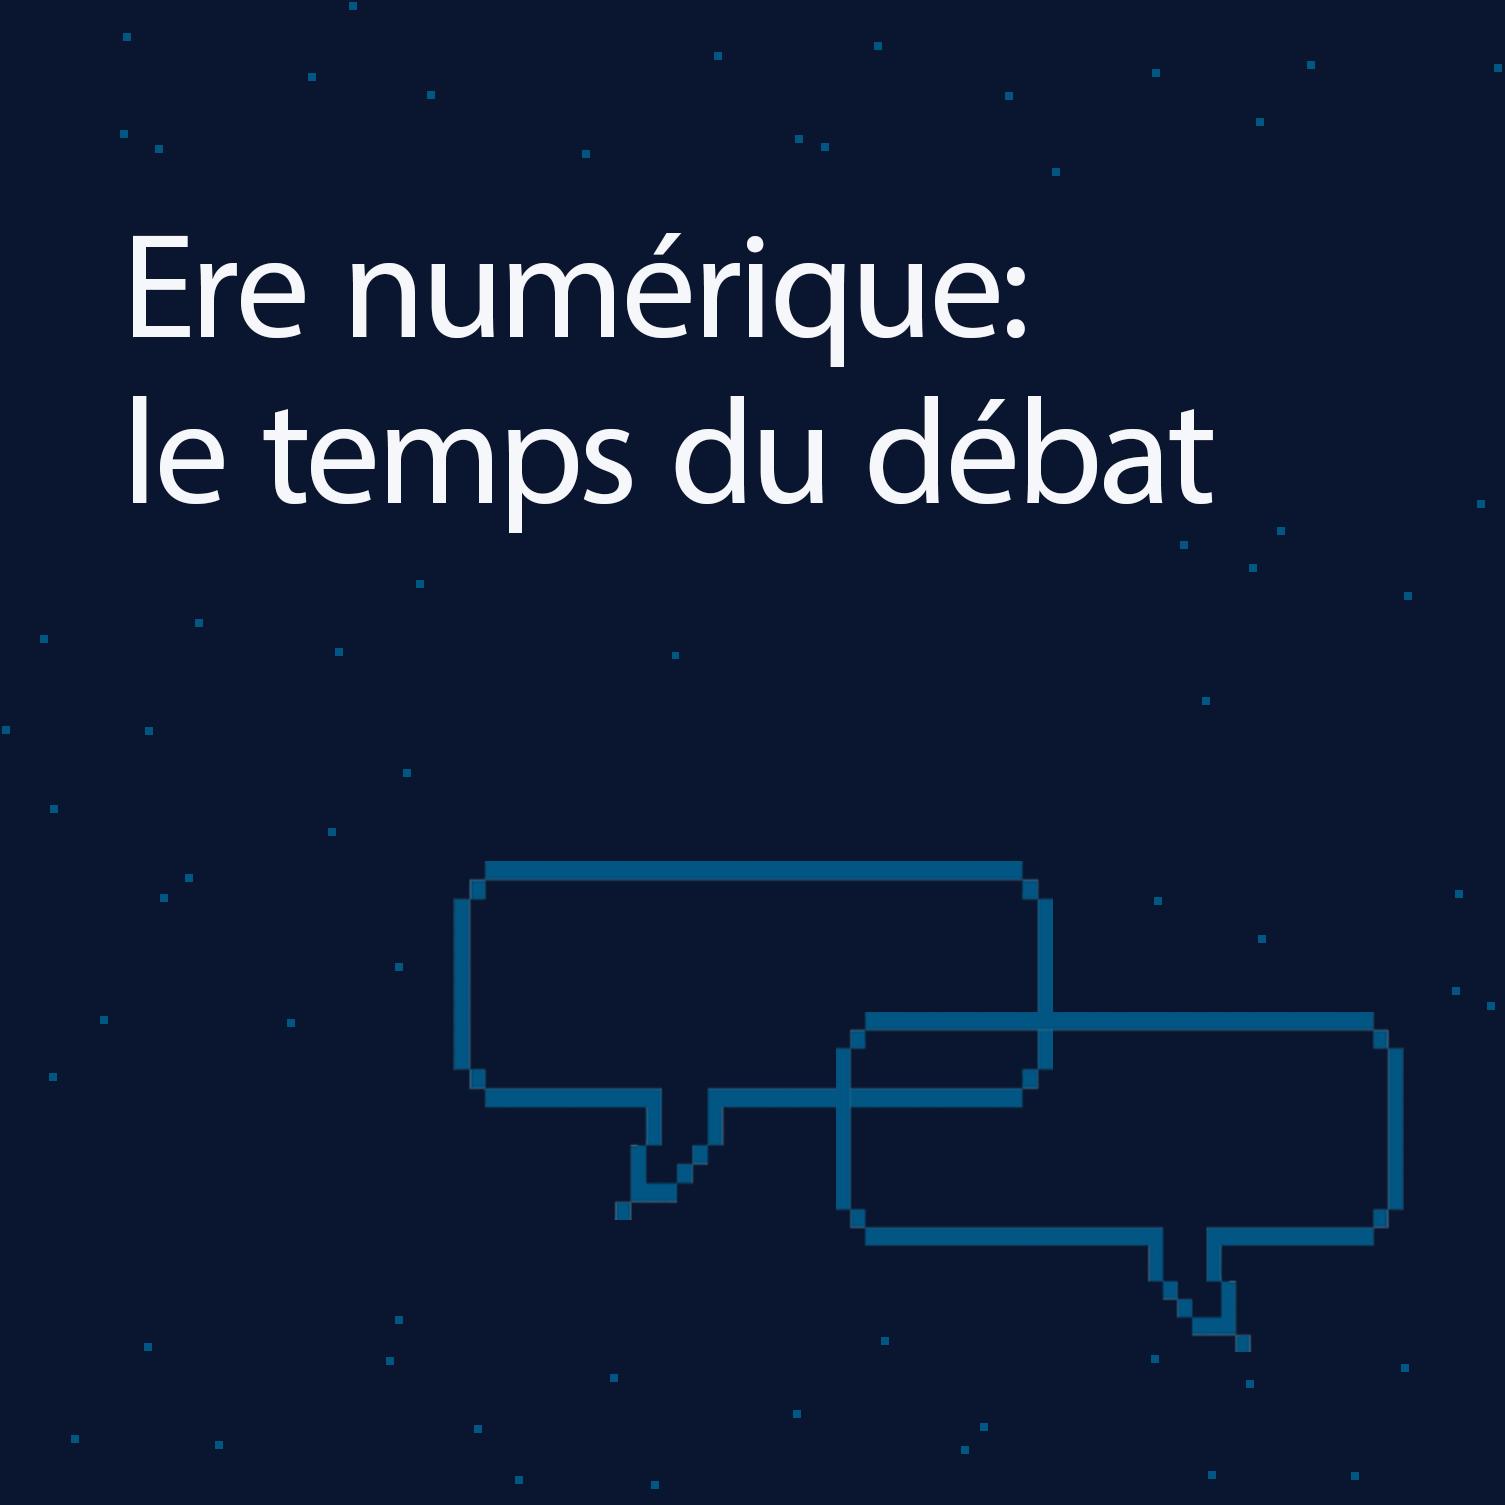 Ere numérique: le temps du débat